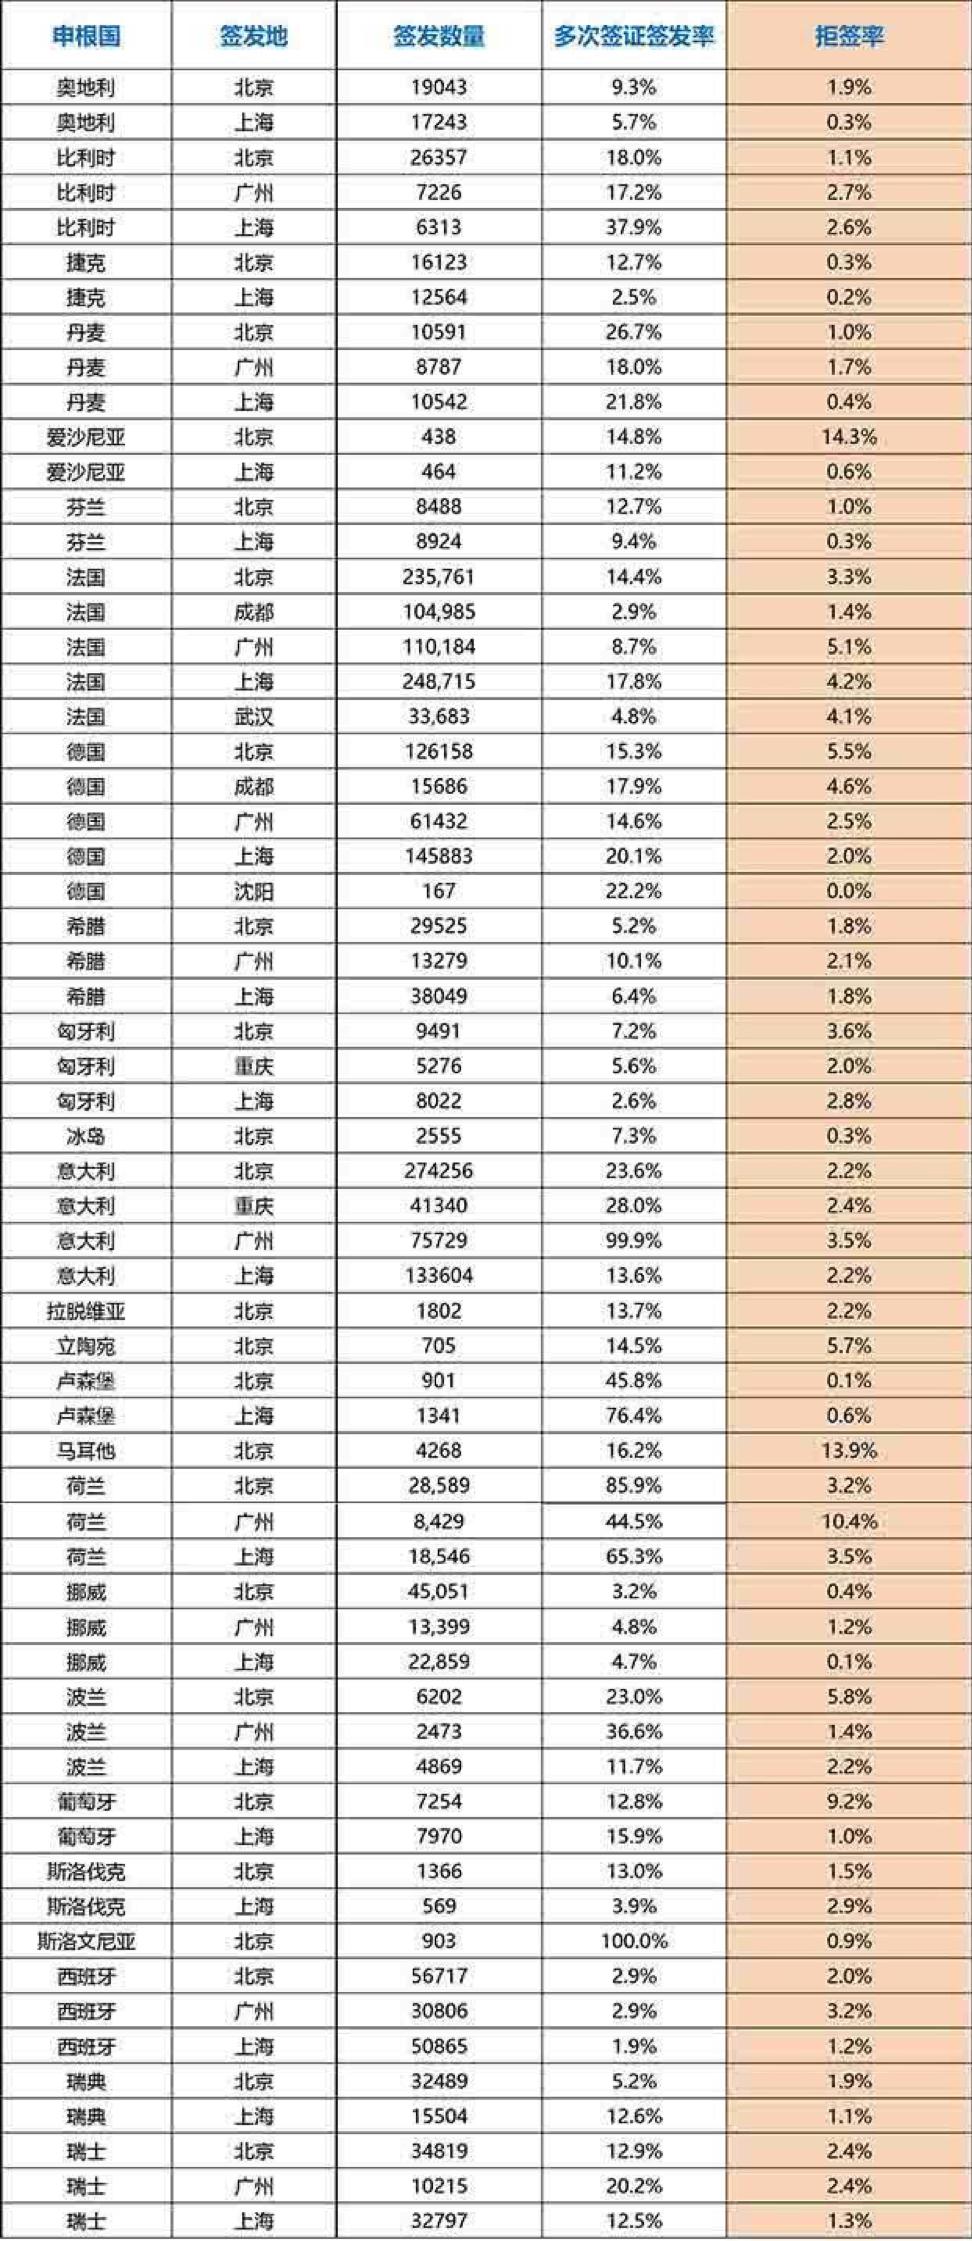 申根国拒签率排行表